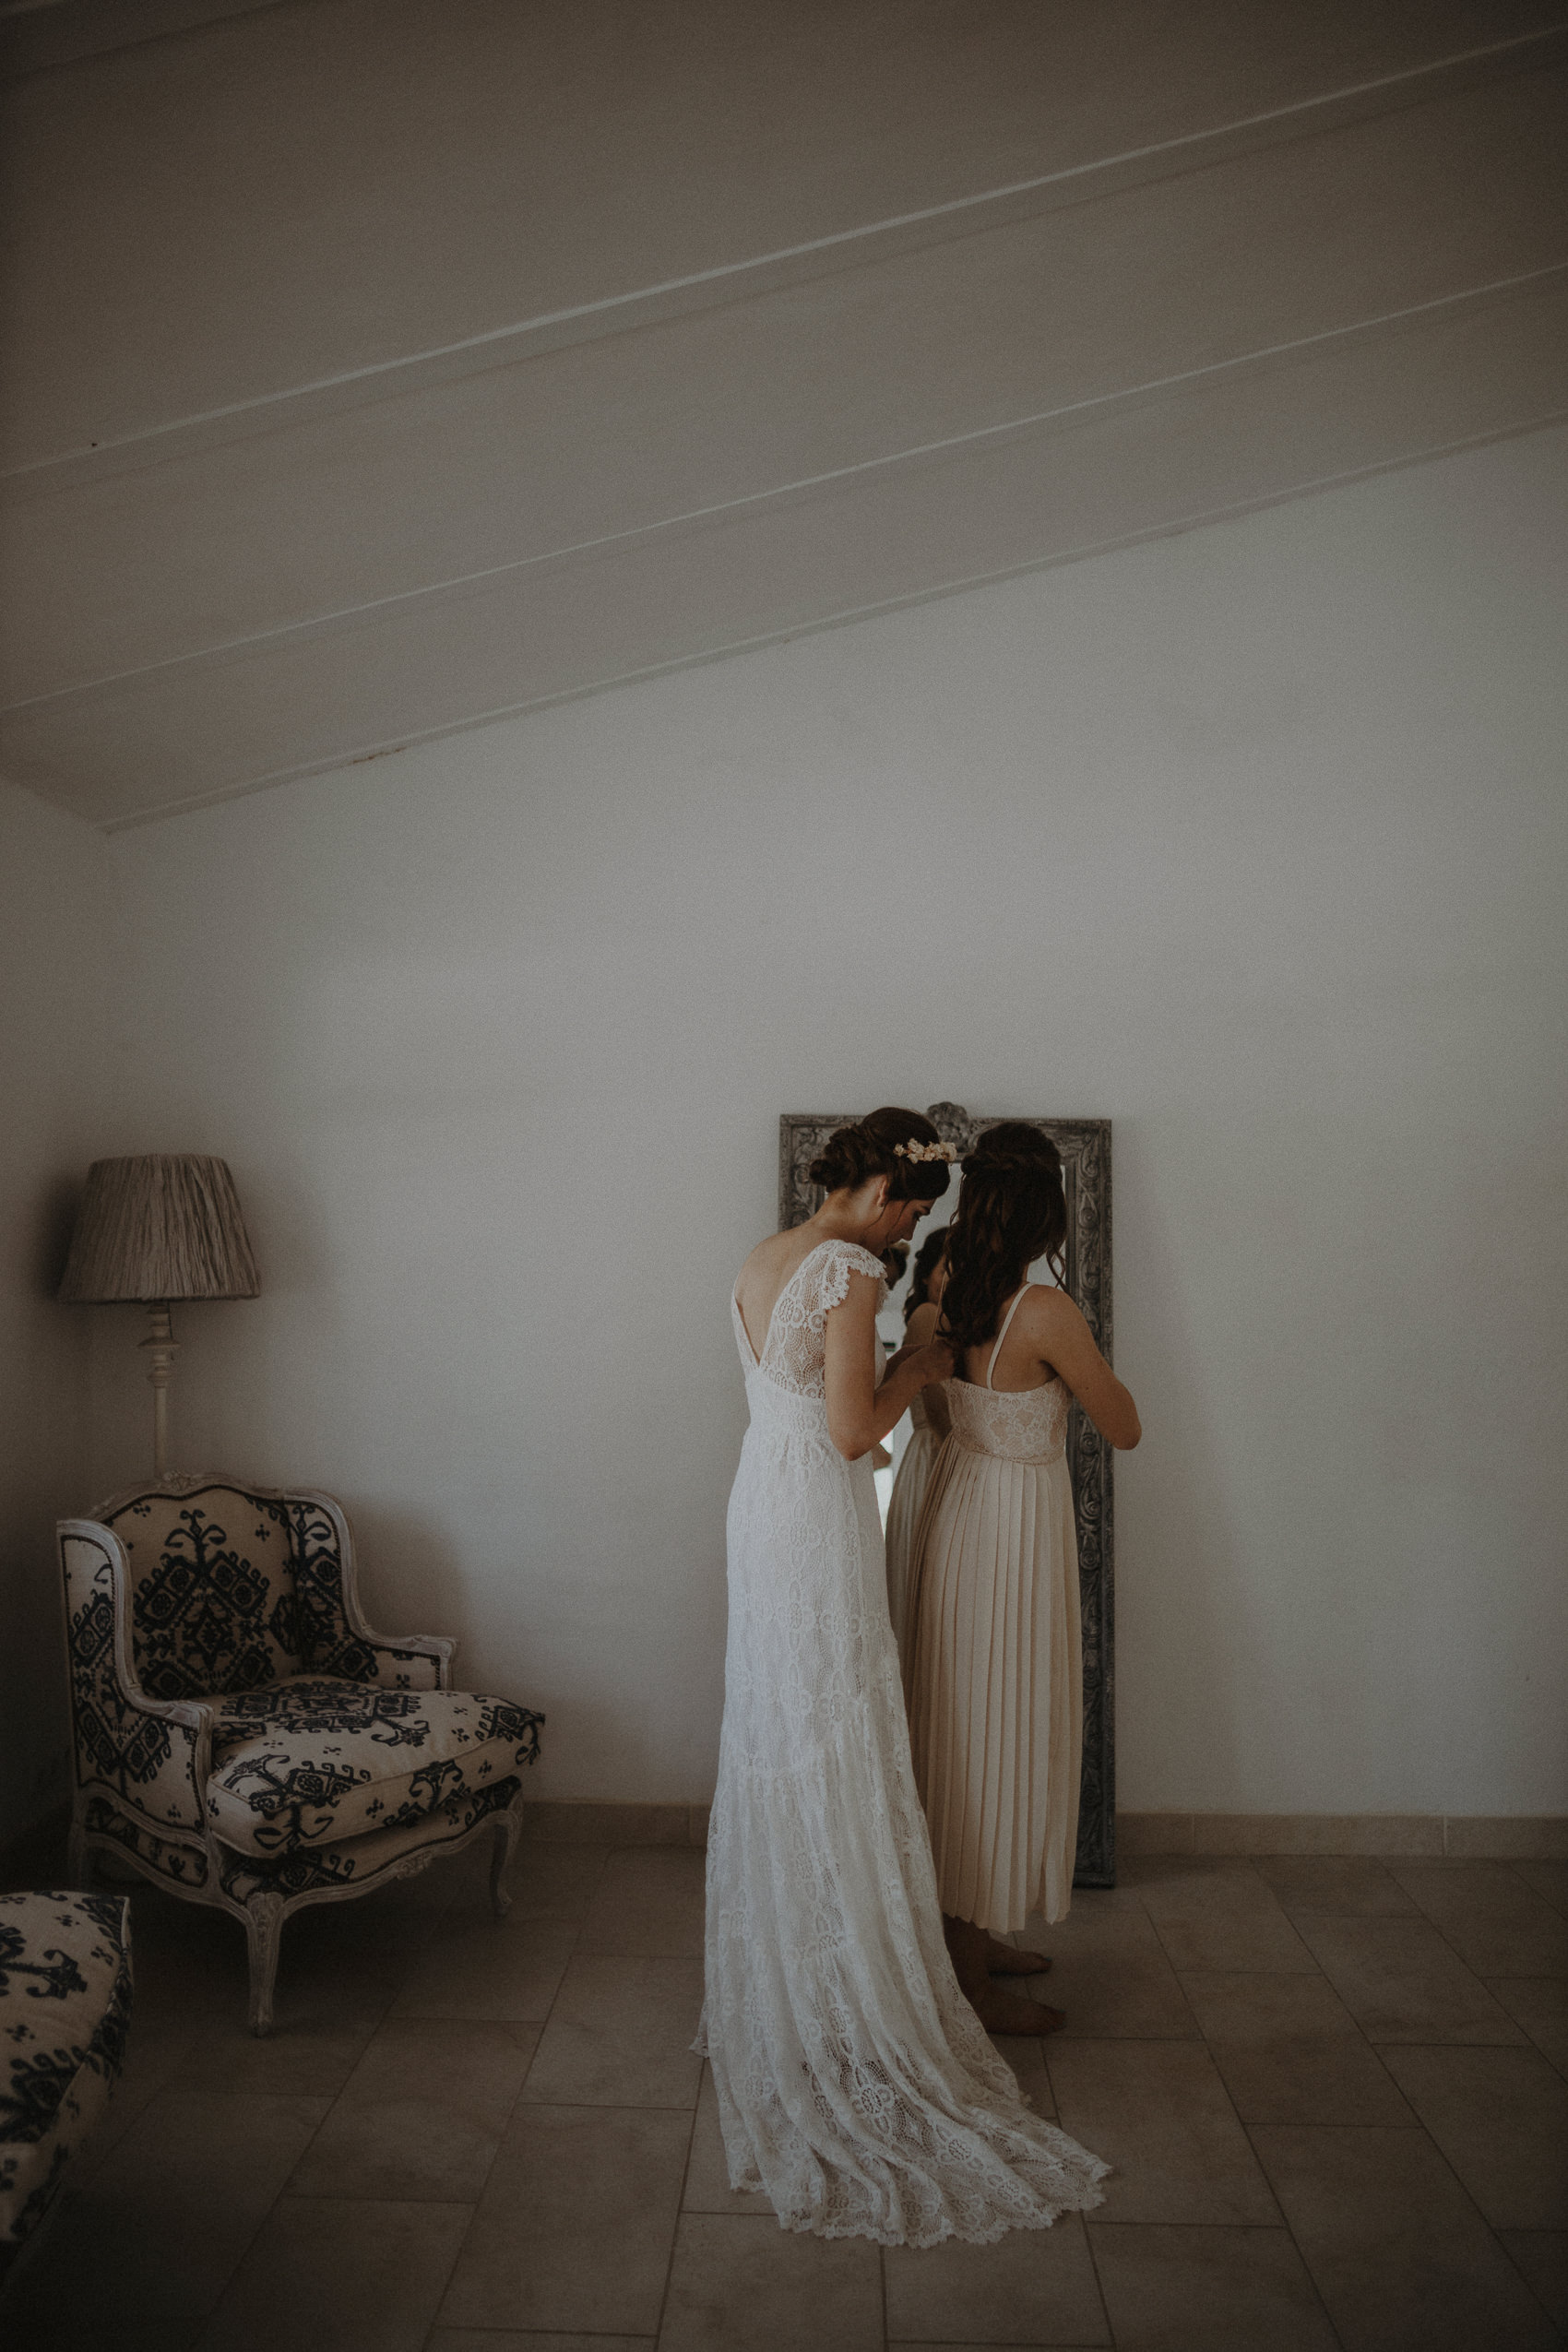 Sarah & Bill | Summer wedding at Cortijo Rosa Blanca | Marbella - Spain 51